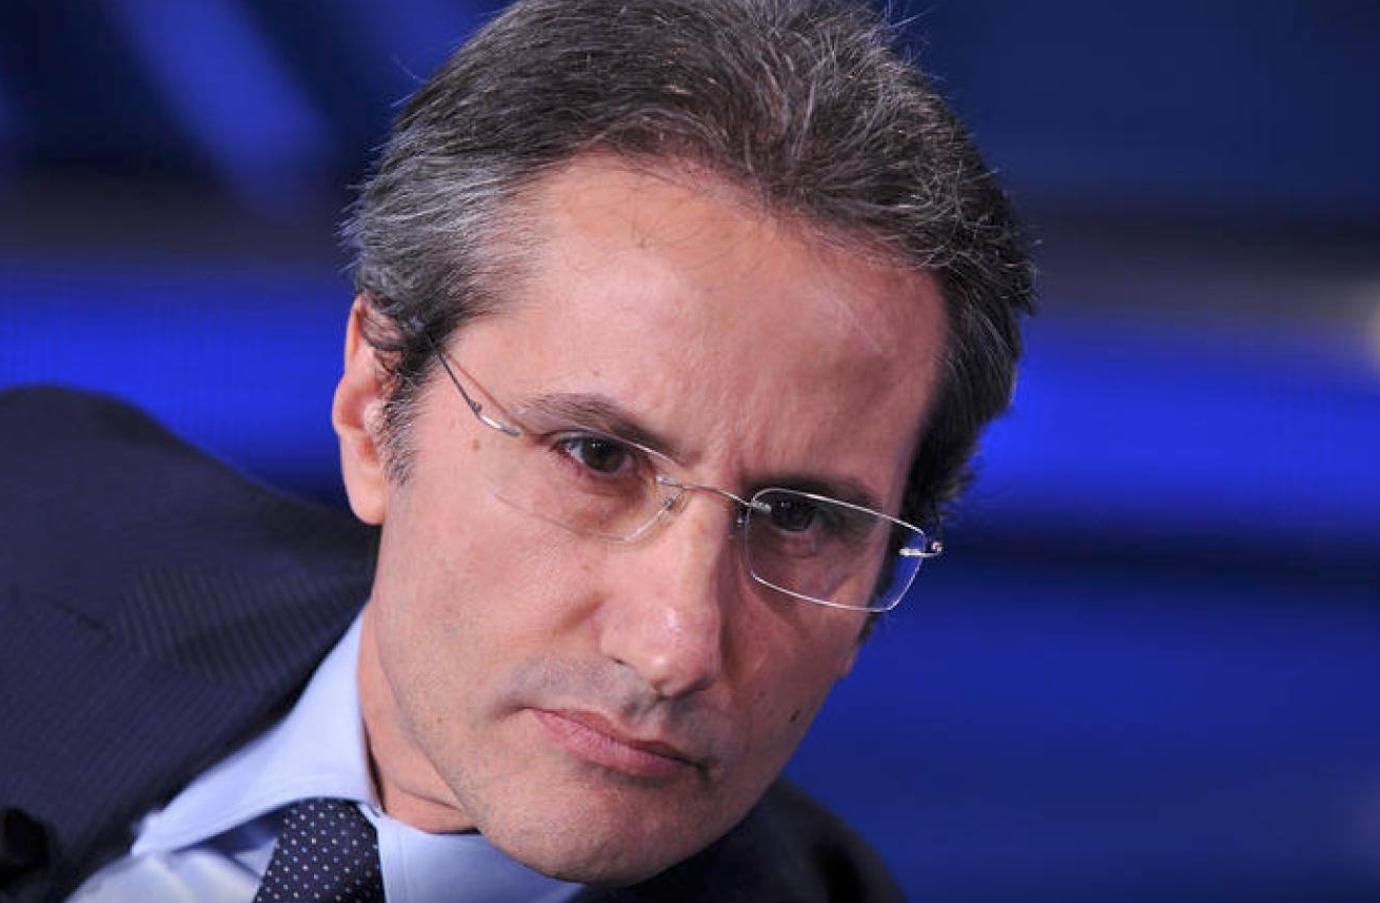 Elezioni Campania. Centro Destra: sarà Caldoro a sfidare De Luca.